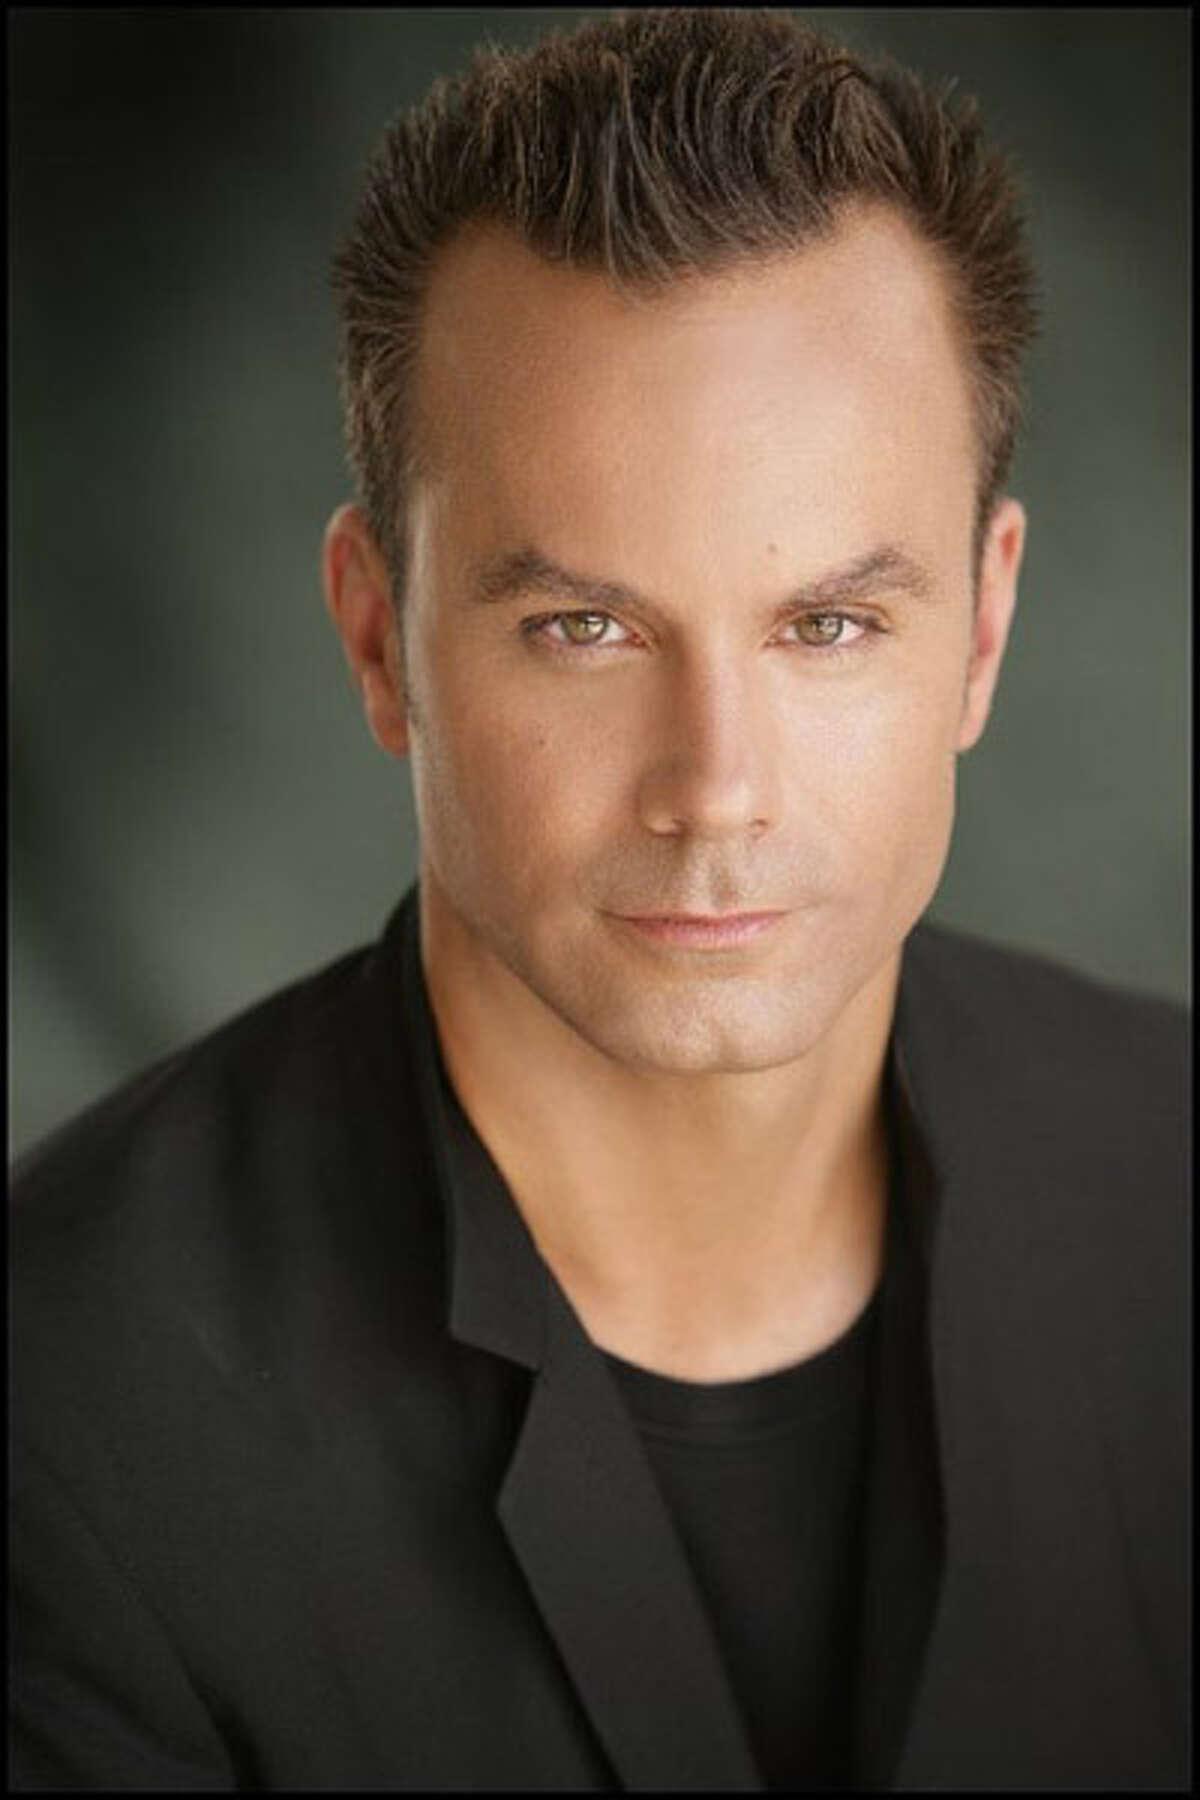 Mark Lund, director of